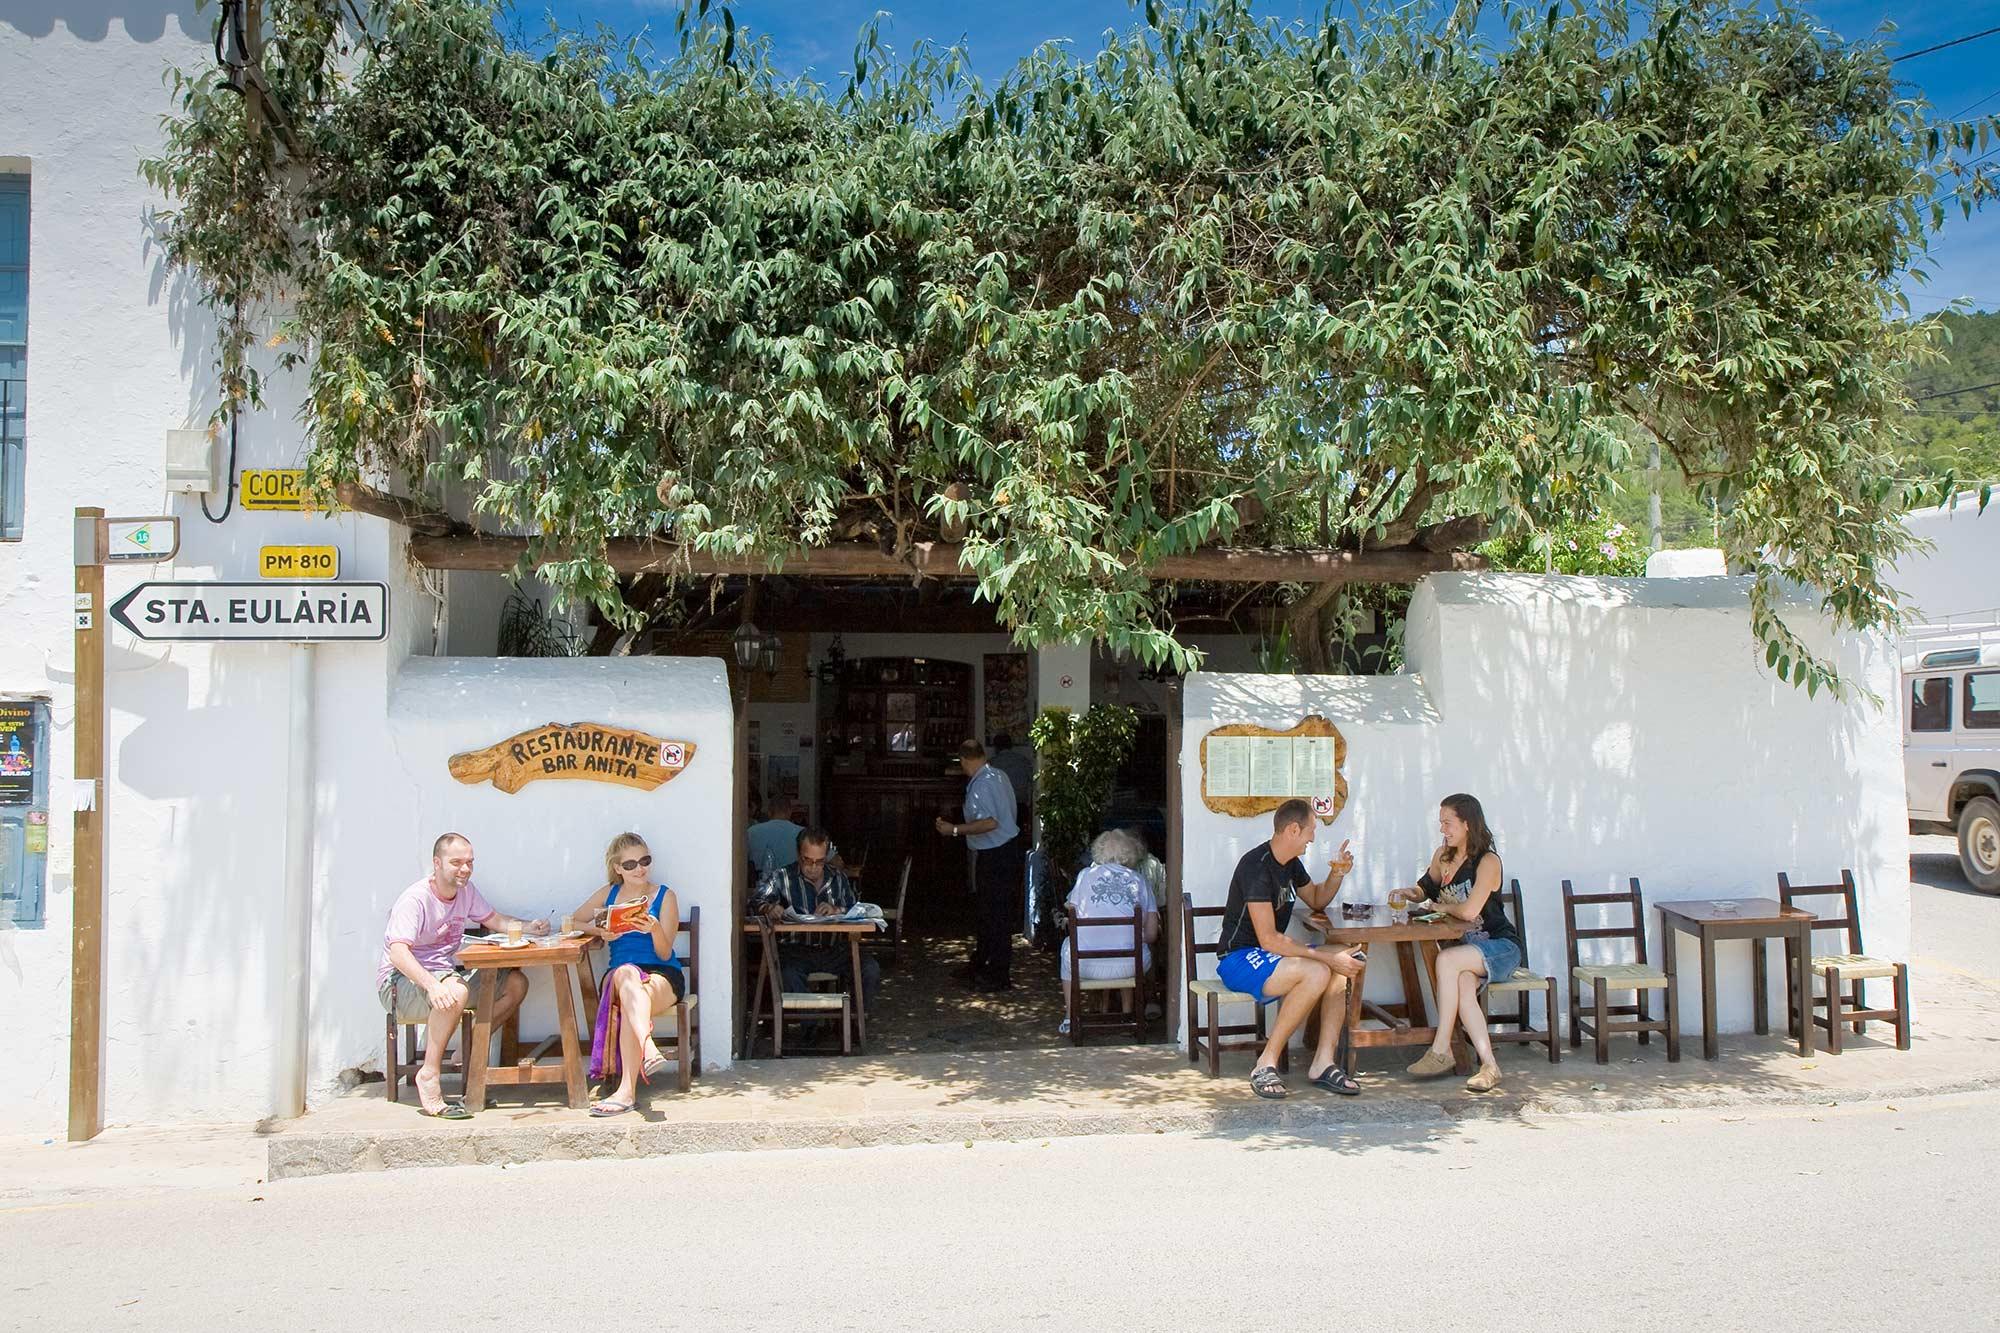 Bar Anita - Ibiza Style